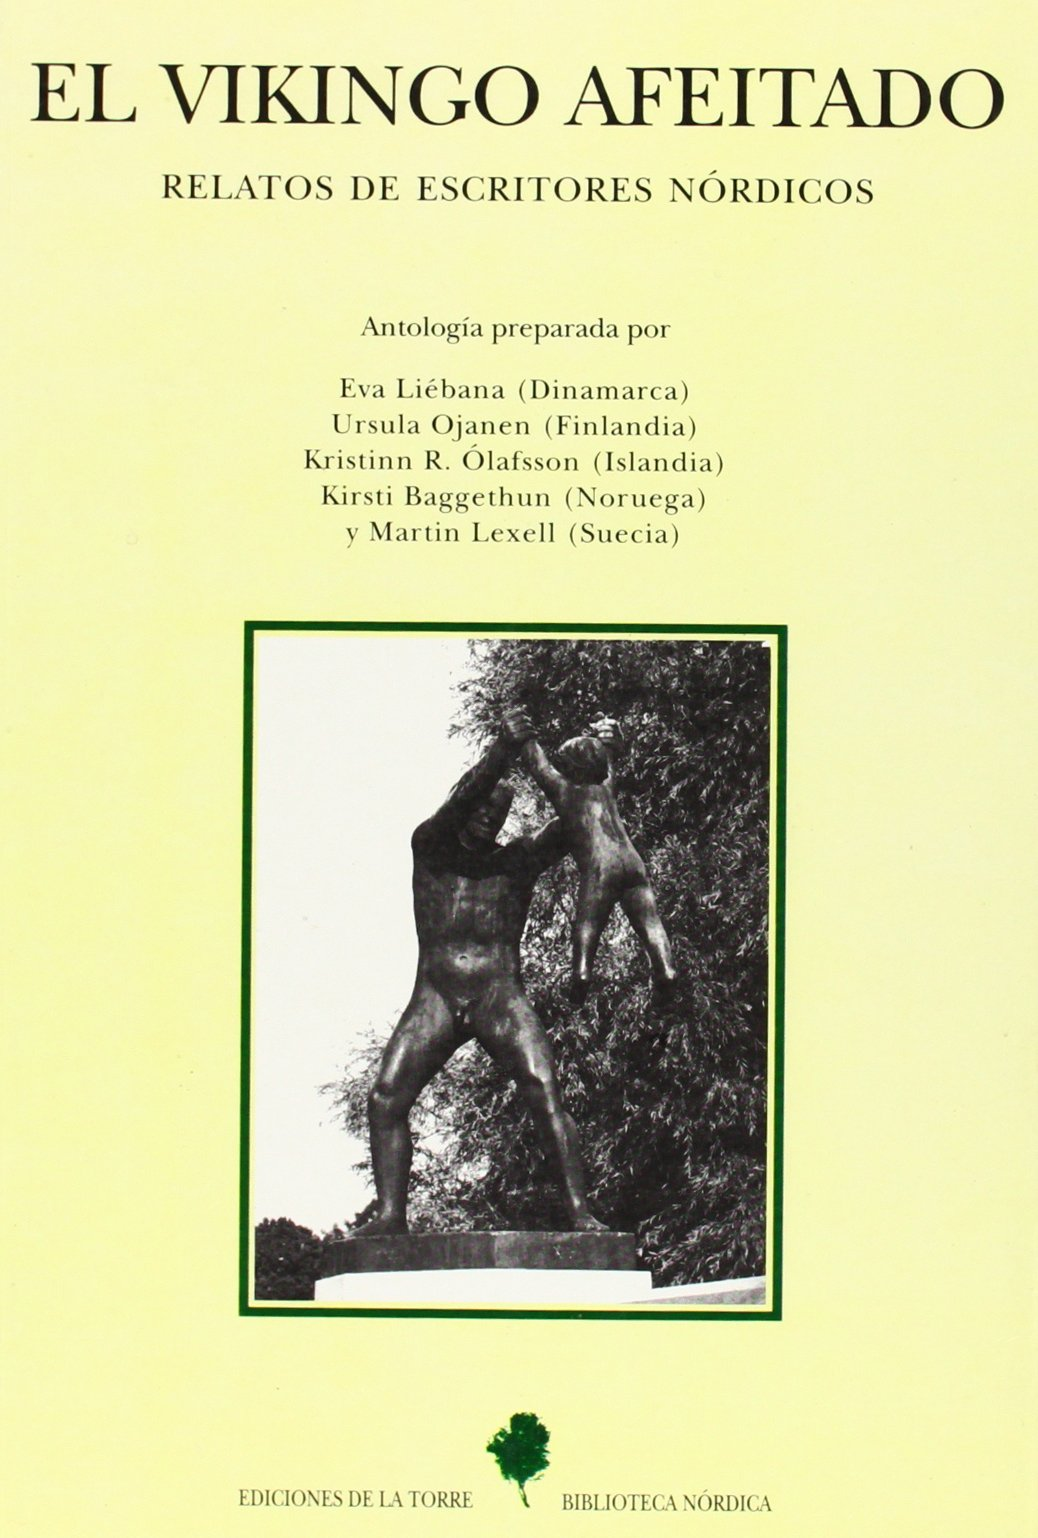 El vikingo afeitado. Relatos de escritores nórdicos: 9 (Biblioteca de Nuestro Mundo, Biblioteca Nórdica)